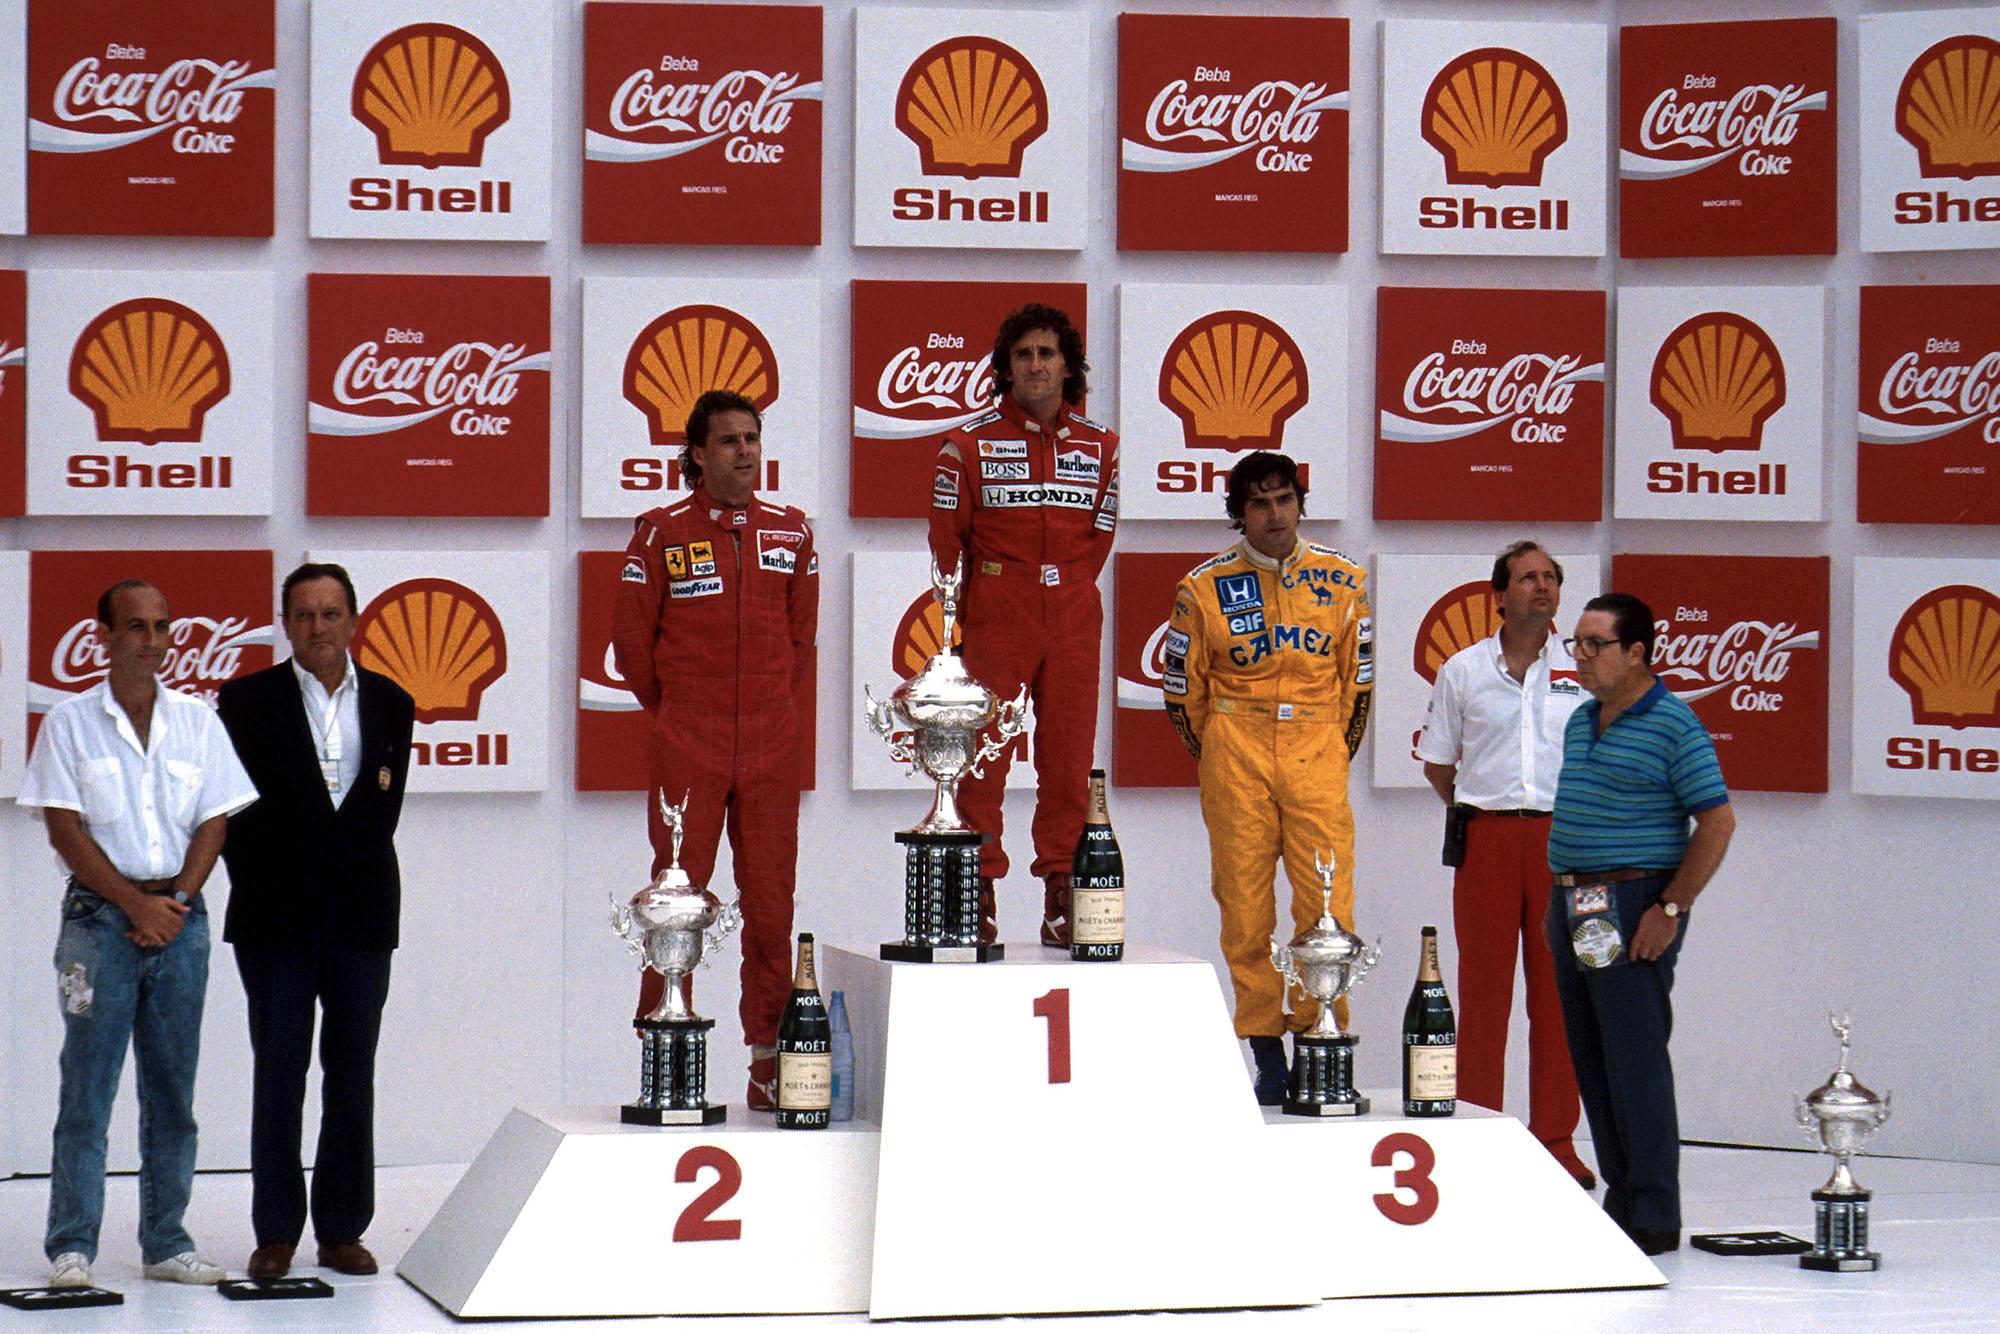 1988 BRA GP podium